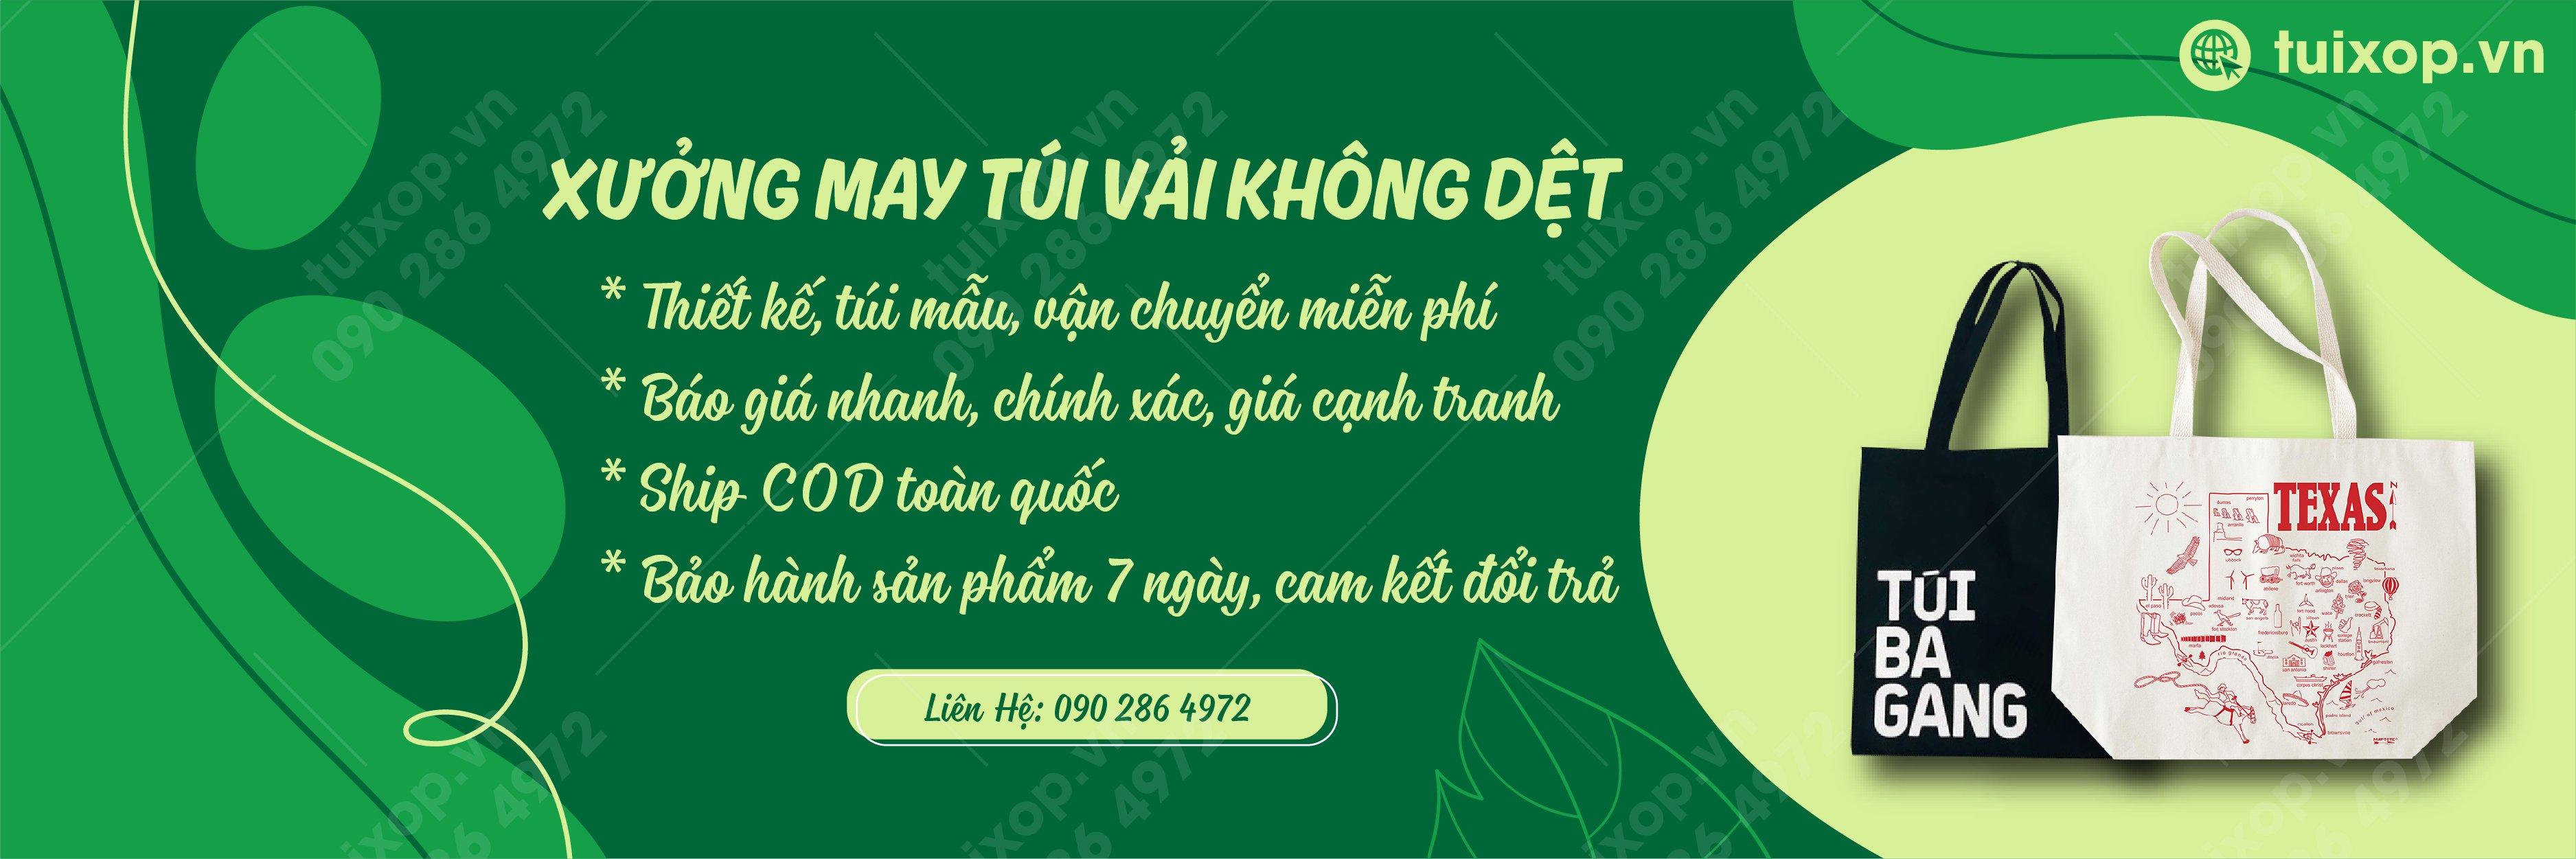 Tuixop.vn - xuong may tui vai khong det so 1 tphcm